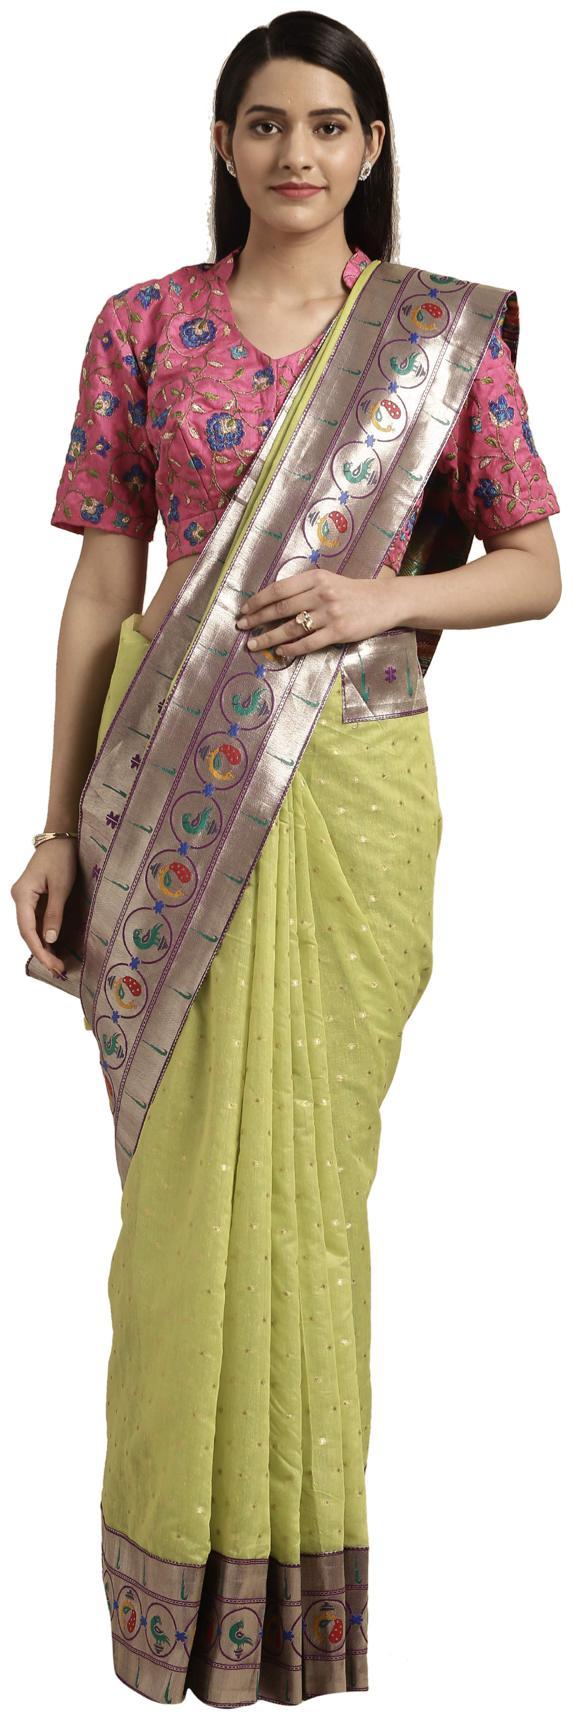 Varkala Silk Sarees Green Printed Zari Work Cotton Paithani Saree